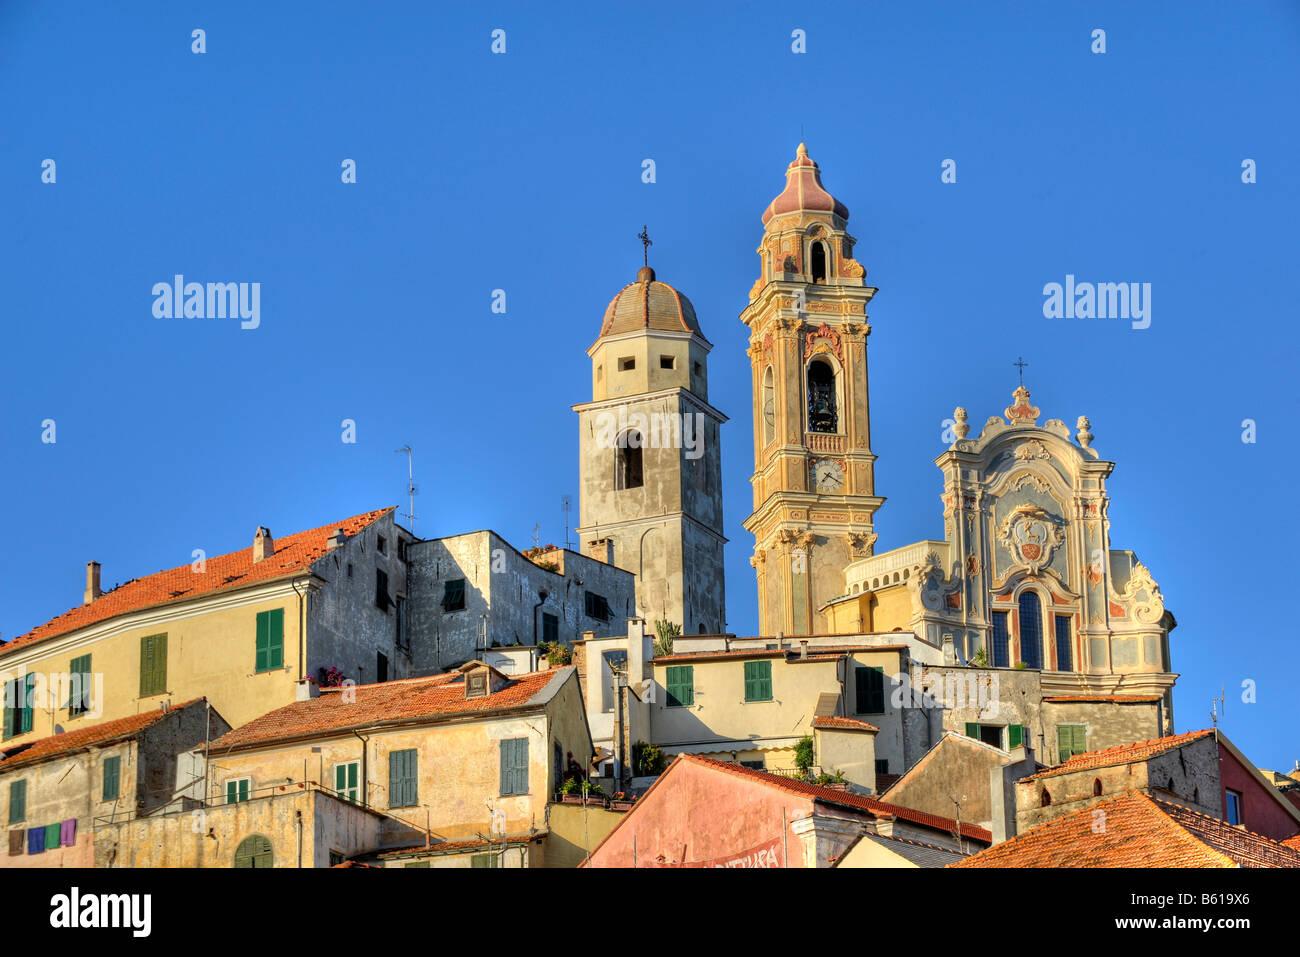 Cervo avec l'église paroissiale de San Giovanni Battista, Riviera dei Fiori, Ligurie, Italie, Europe Banque D'Images